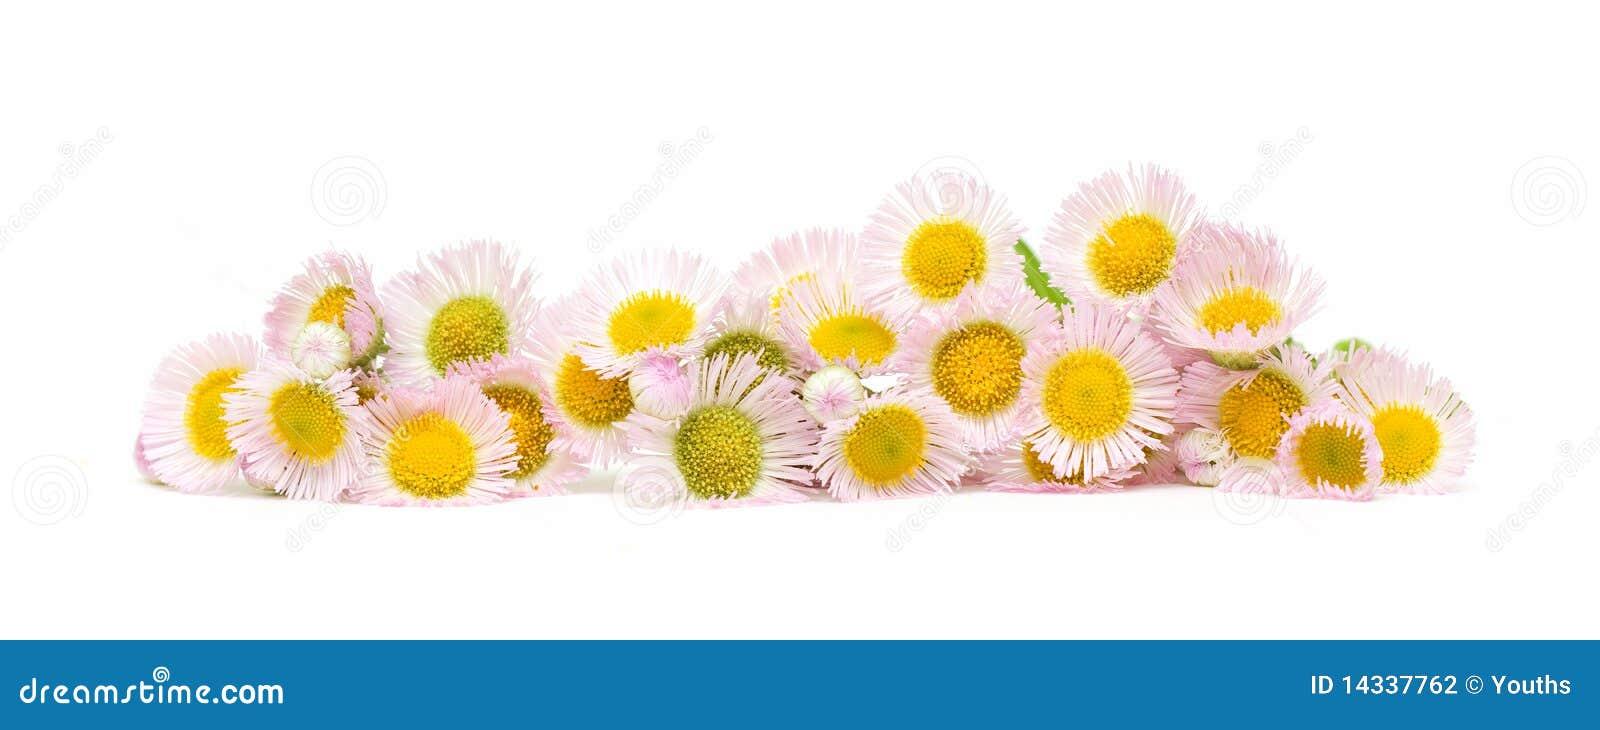 Chrysanthemeblumen